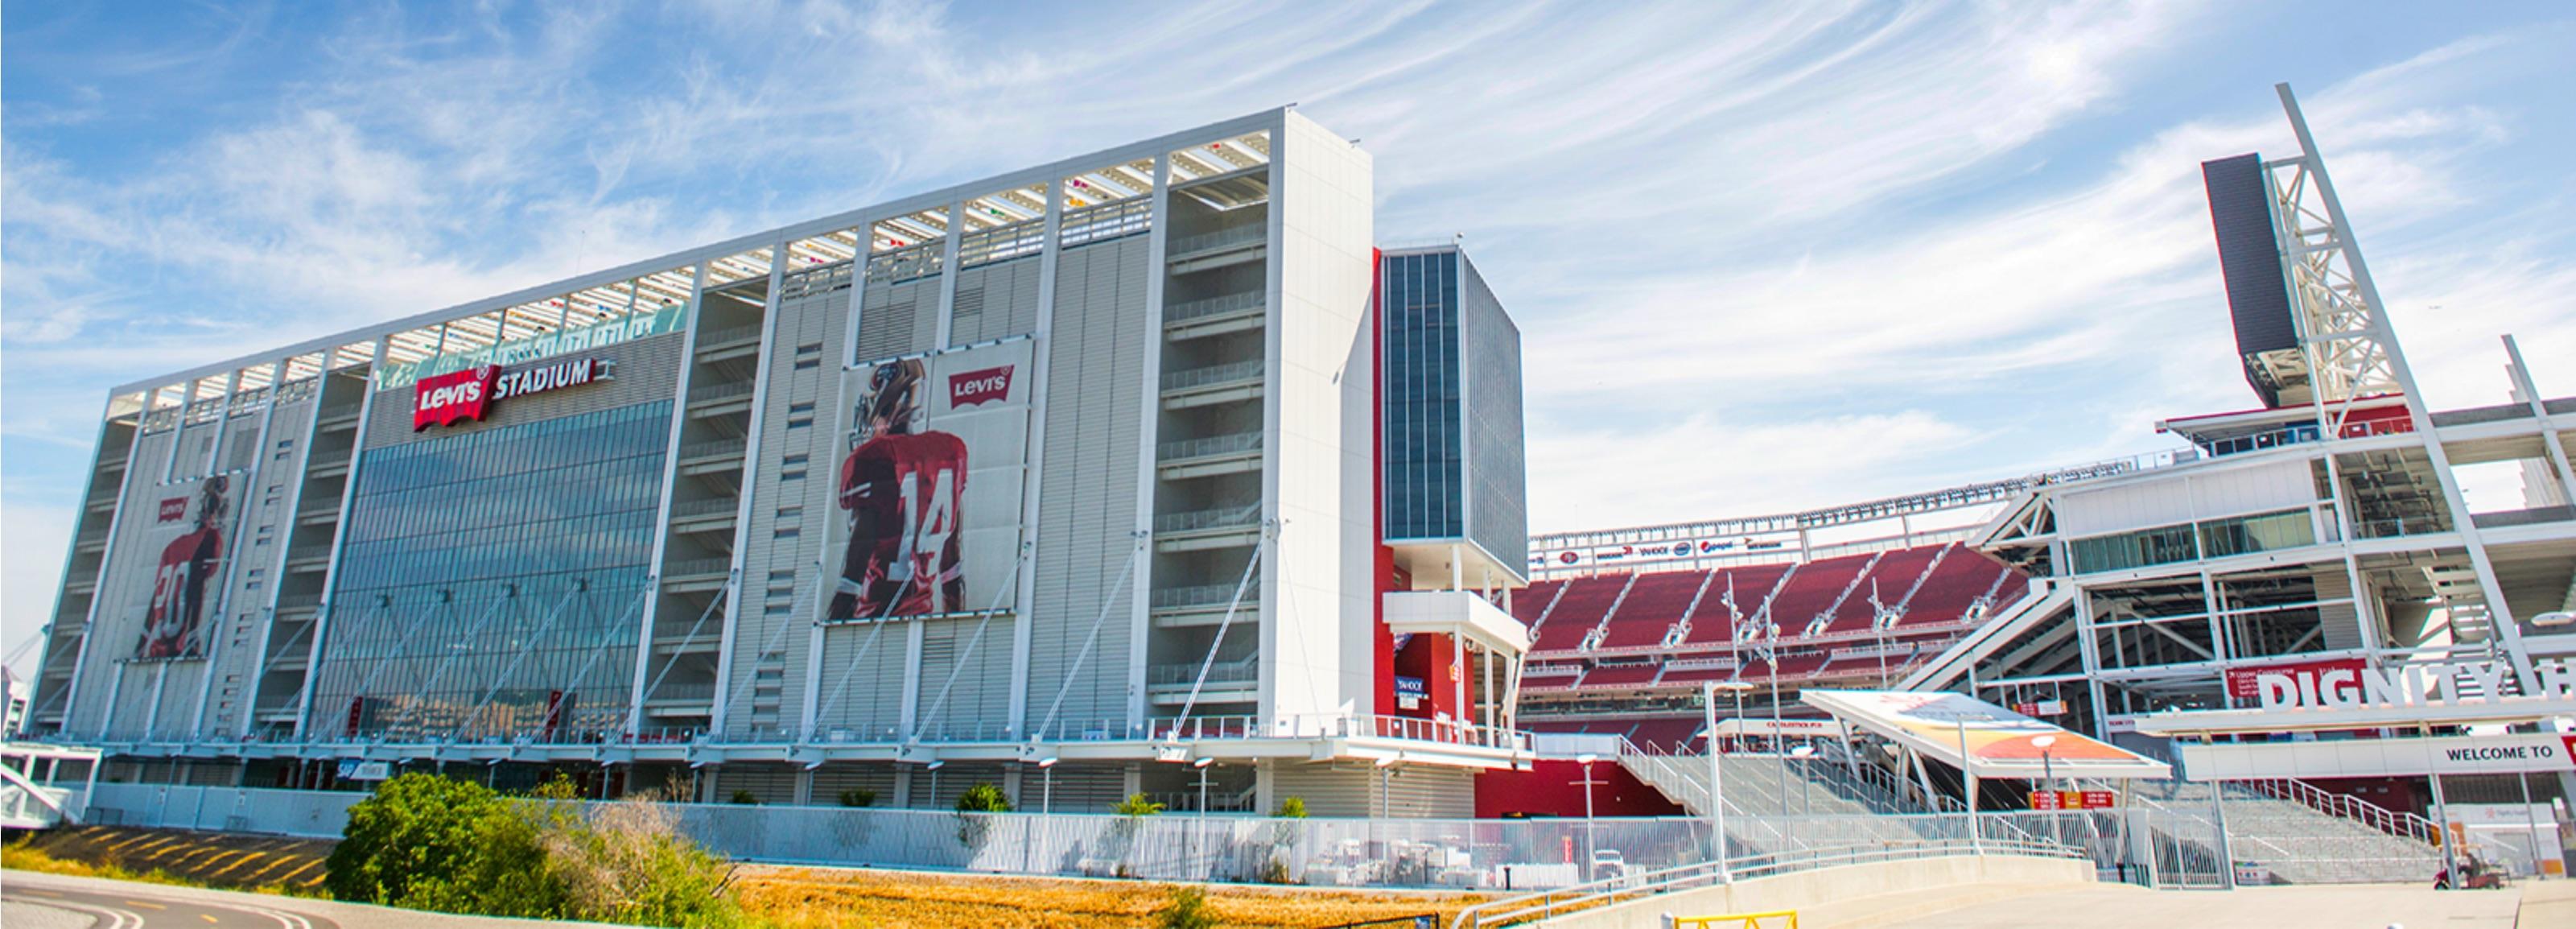 49ers Football Stadium - Levi's